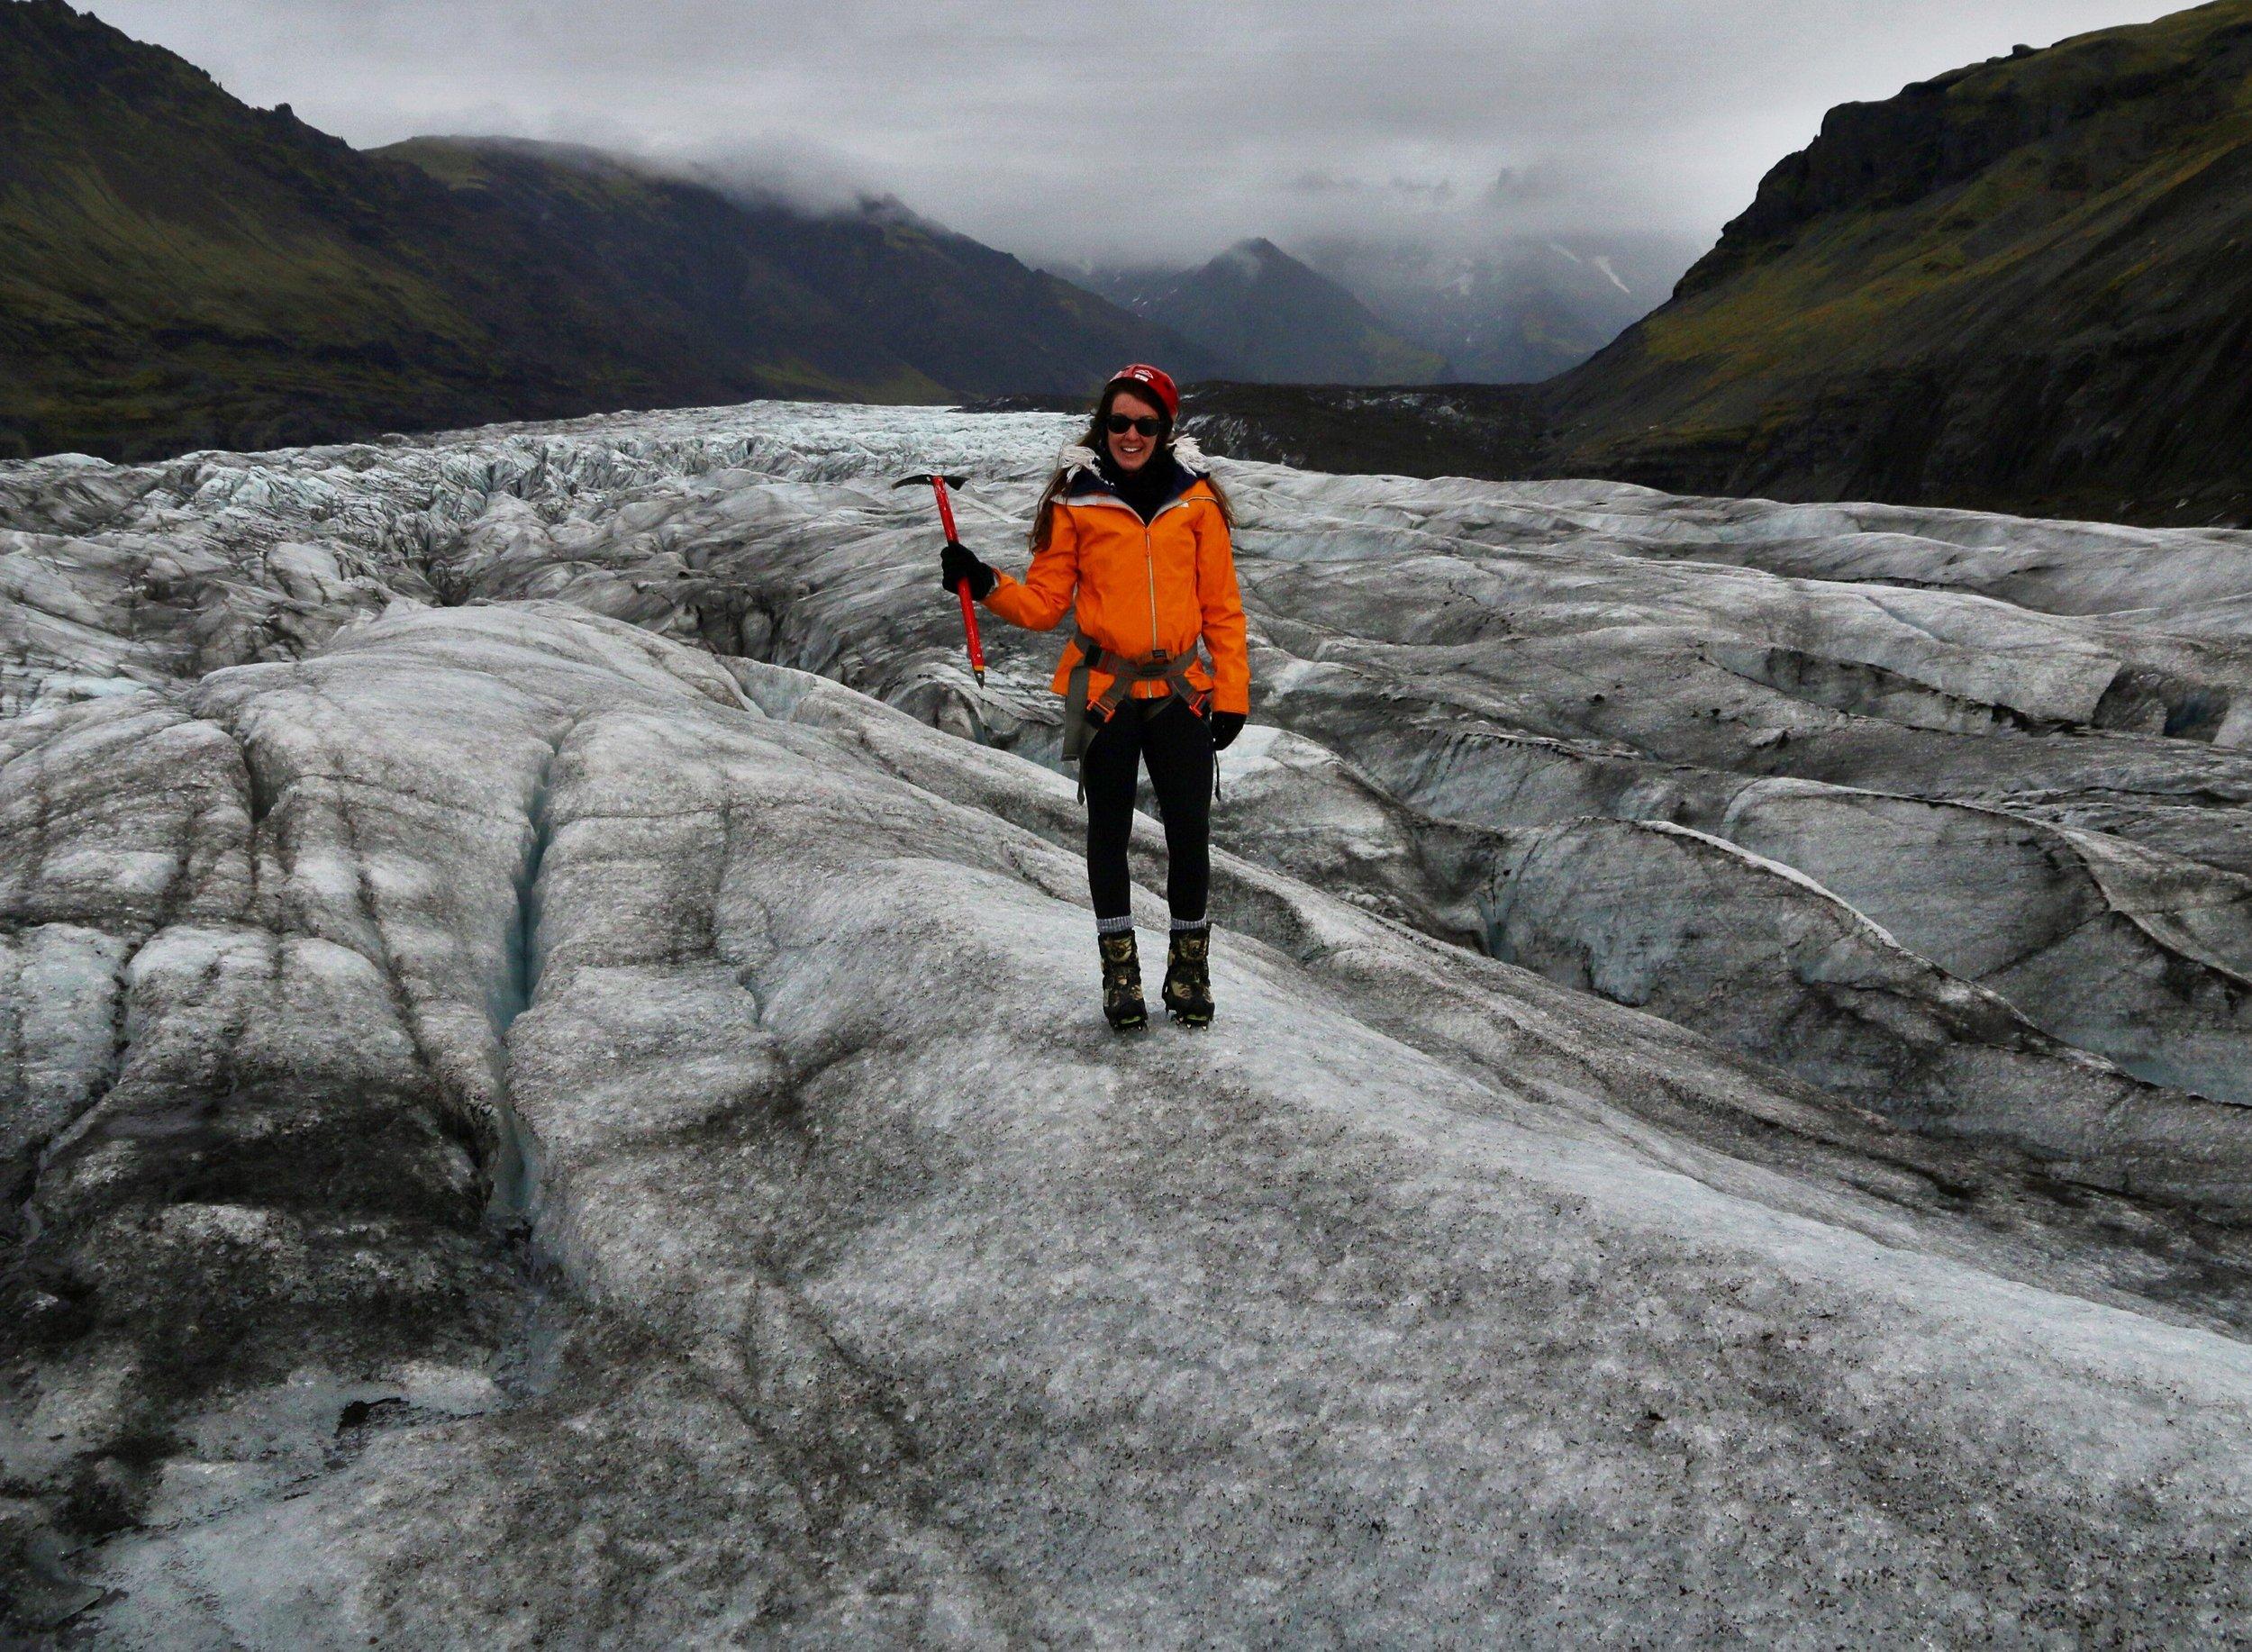 climbing-iceland